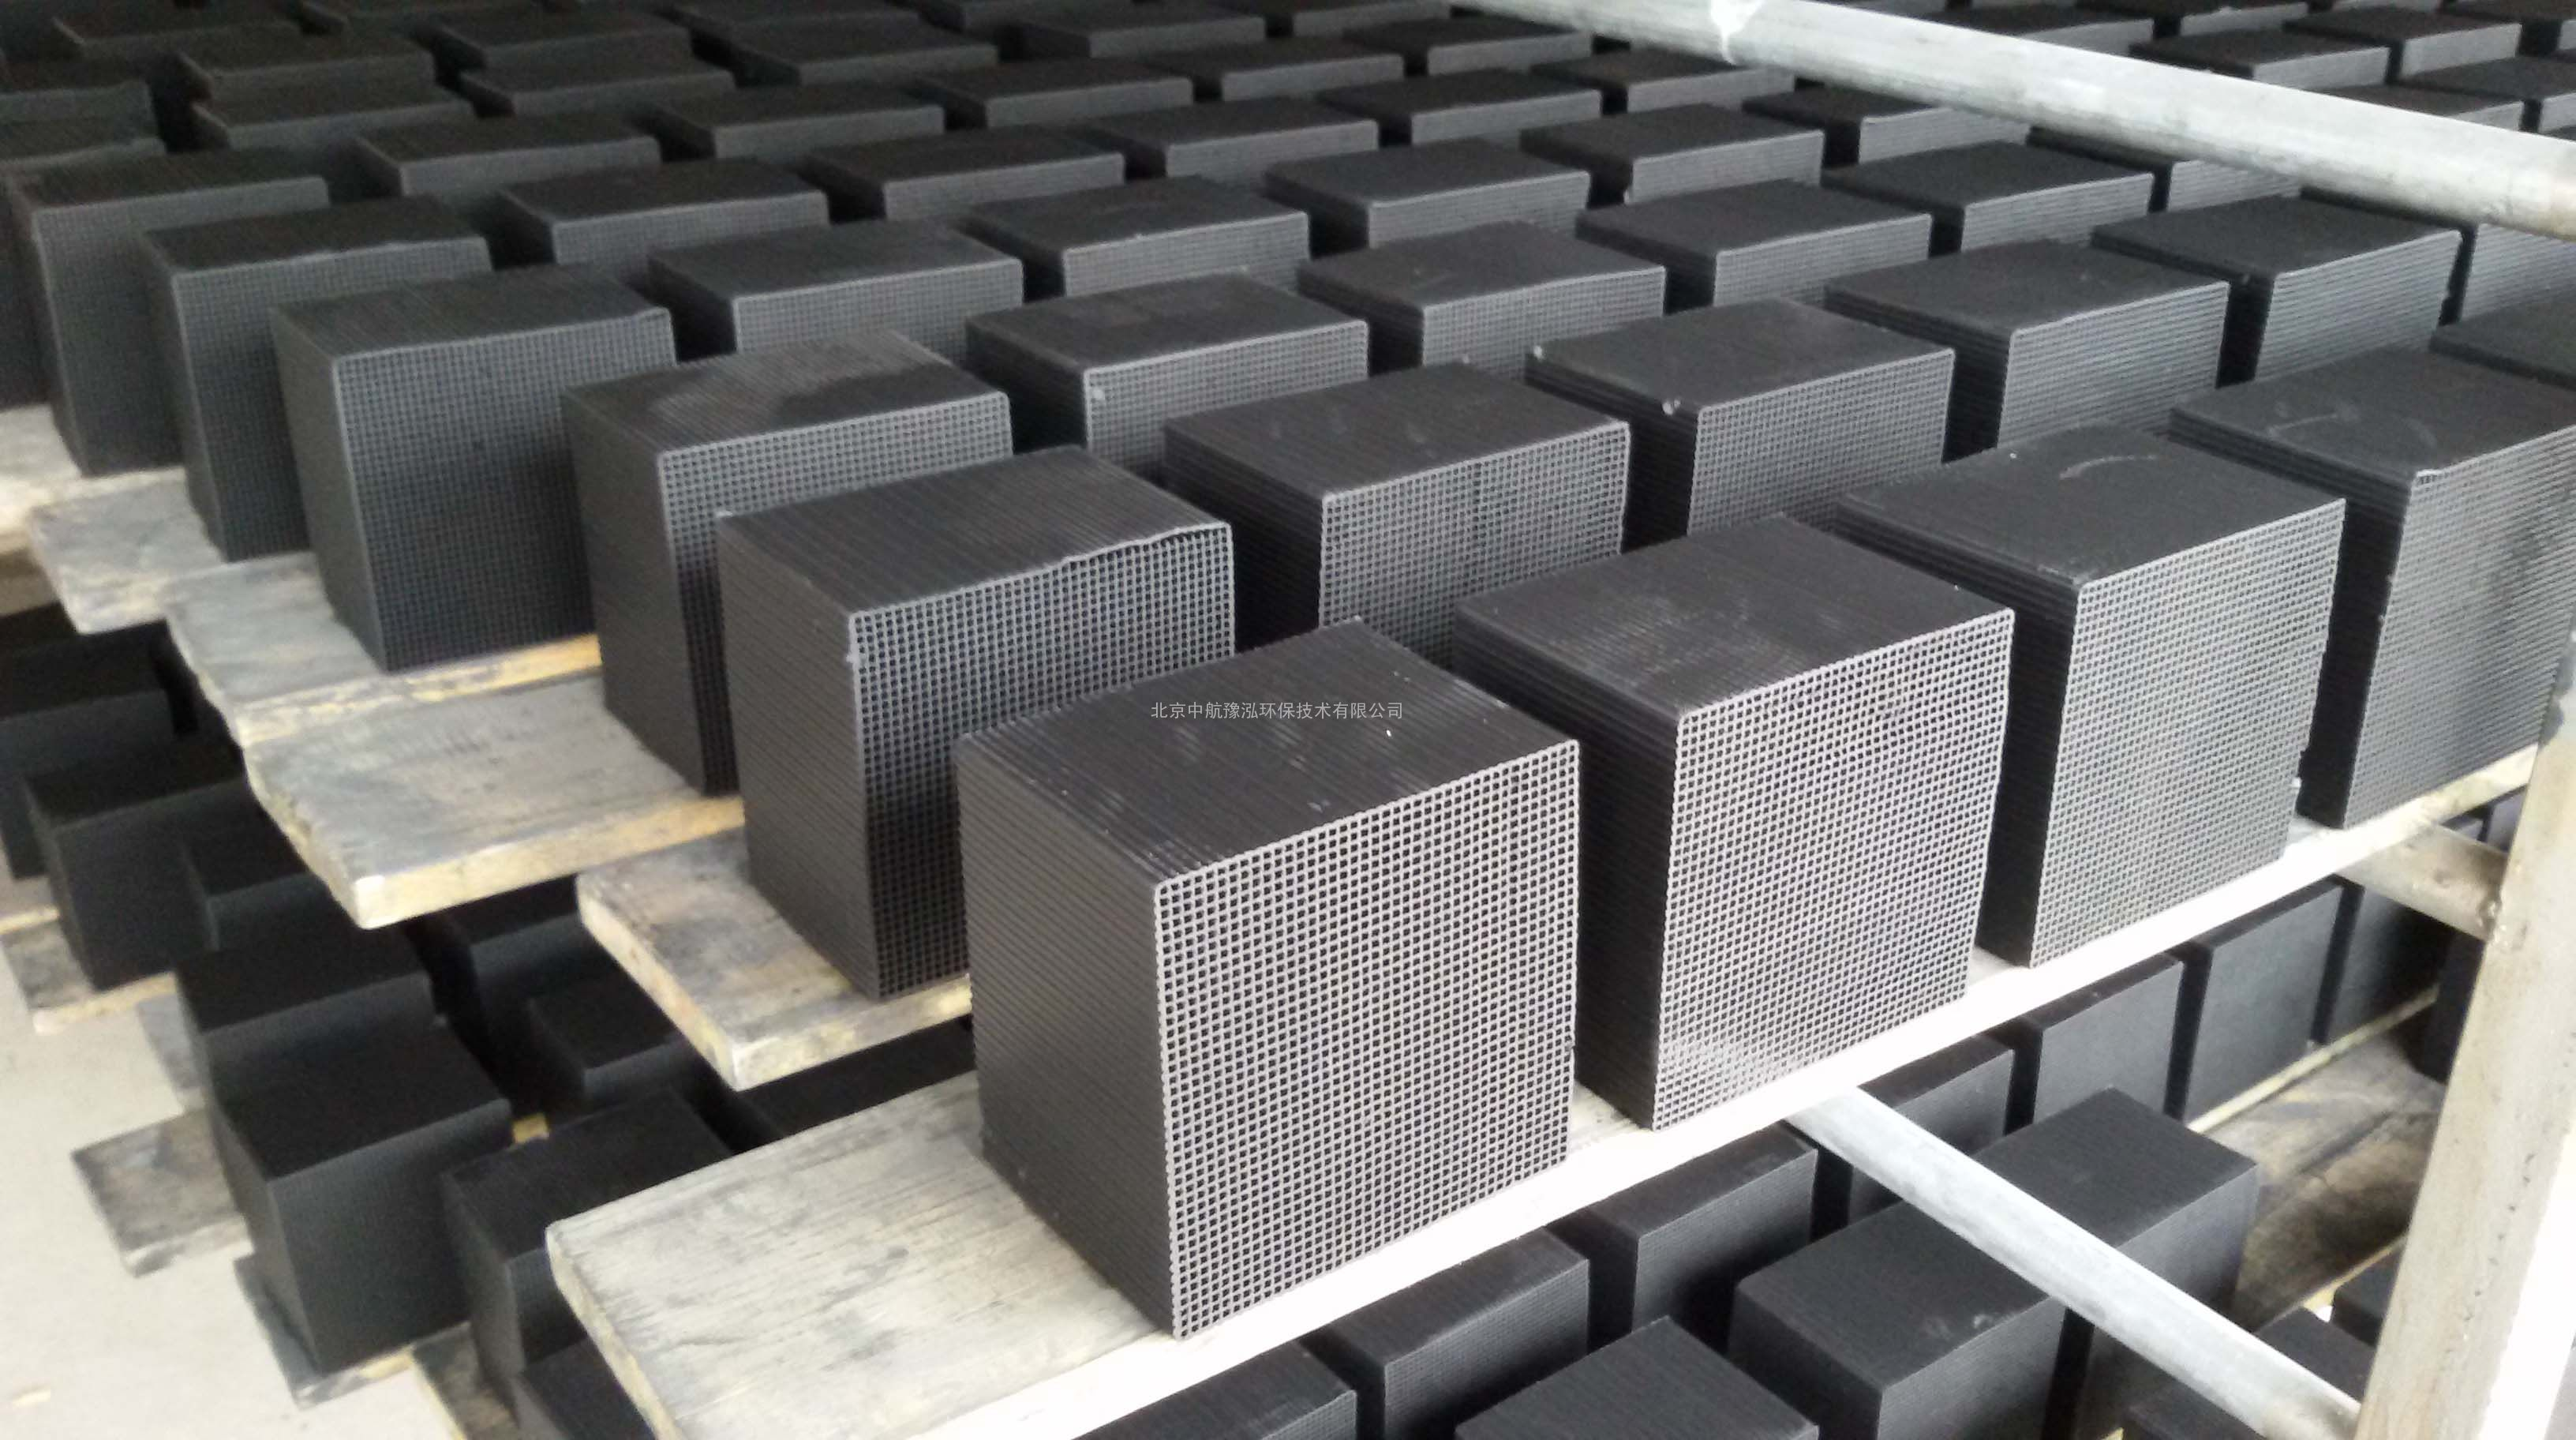 邢台蜂窝活性炭,邢台蜂窝活性炭规格型号